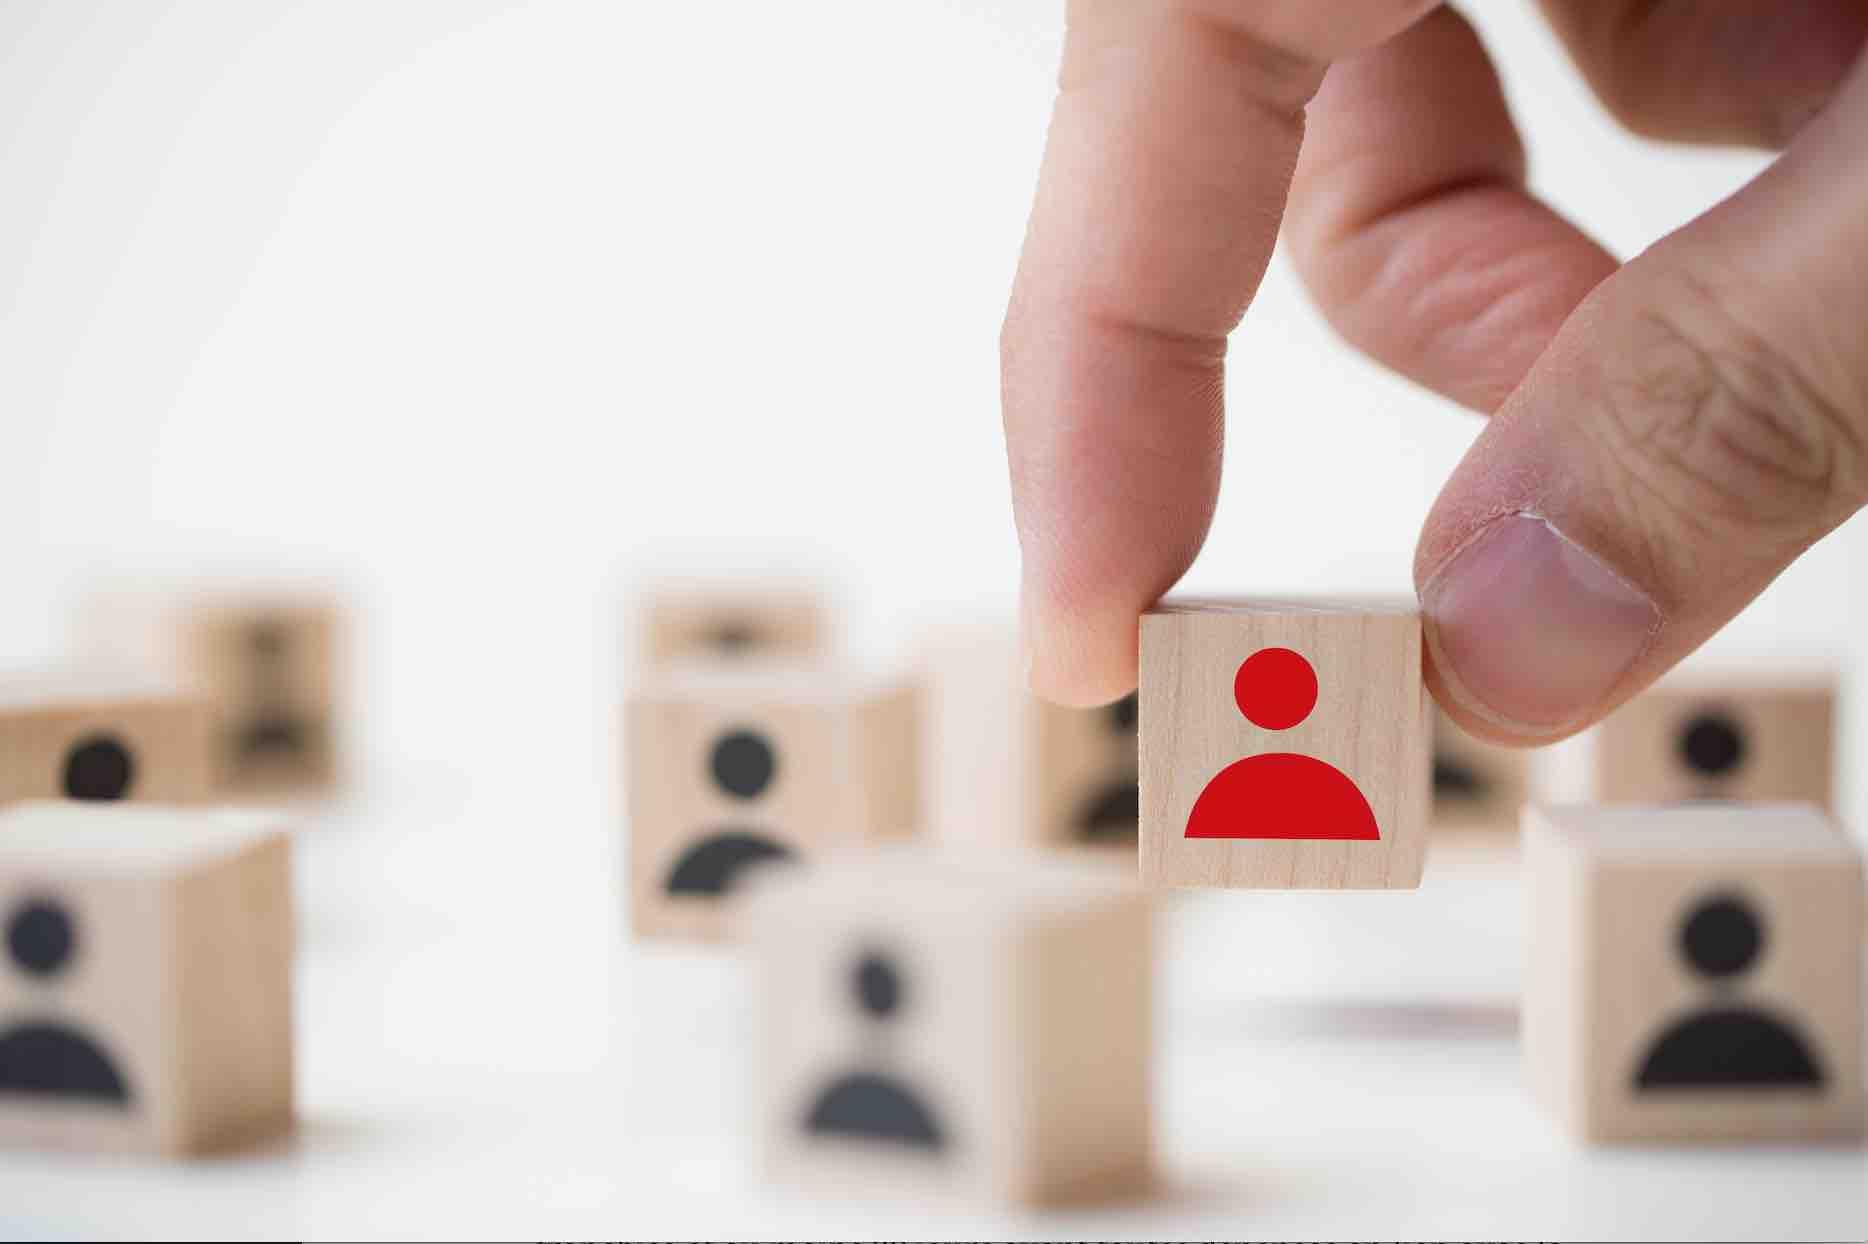 Description de La personnalité, une des clés de recrutement des franchisés